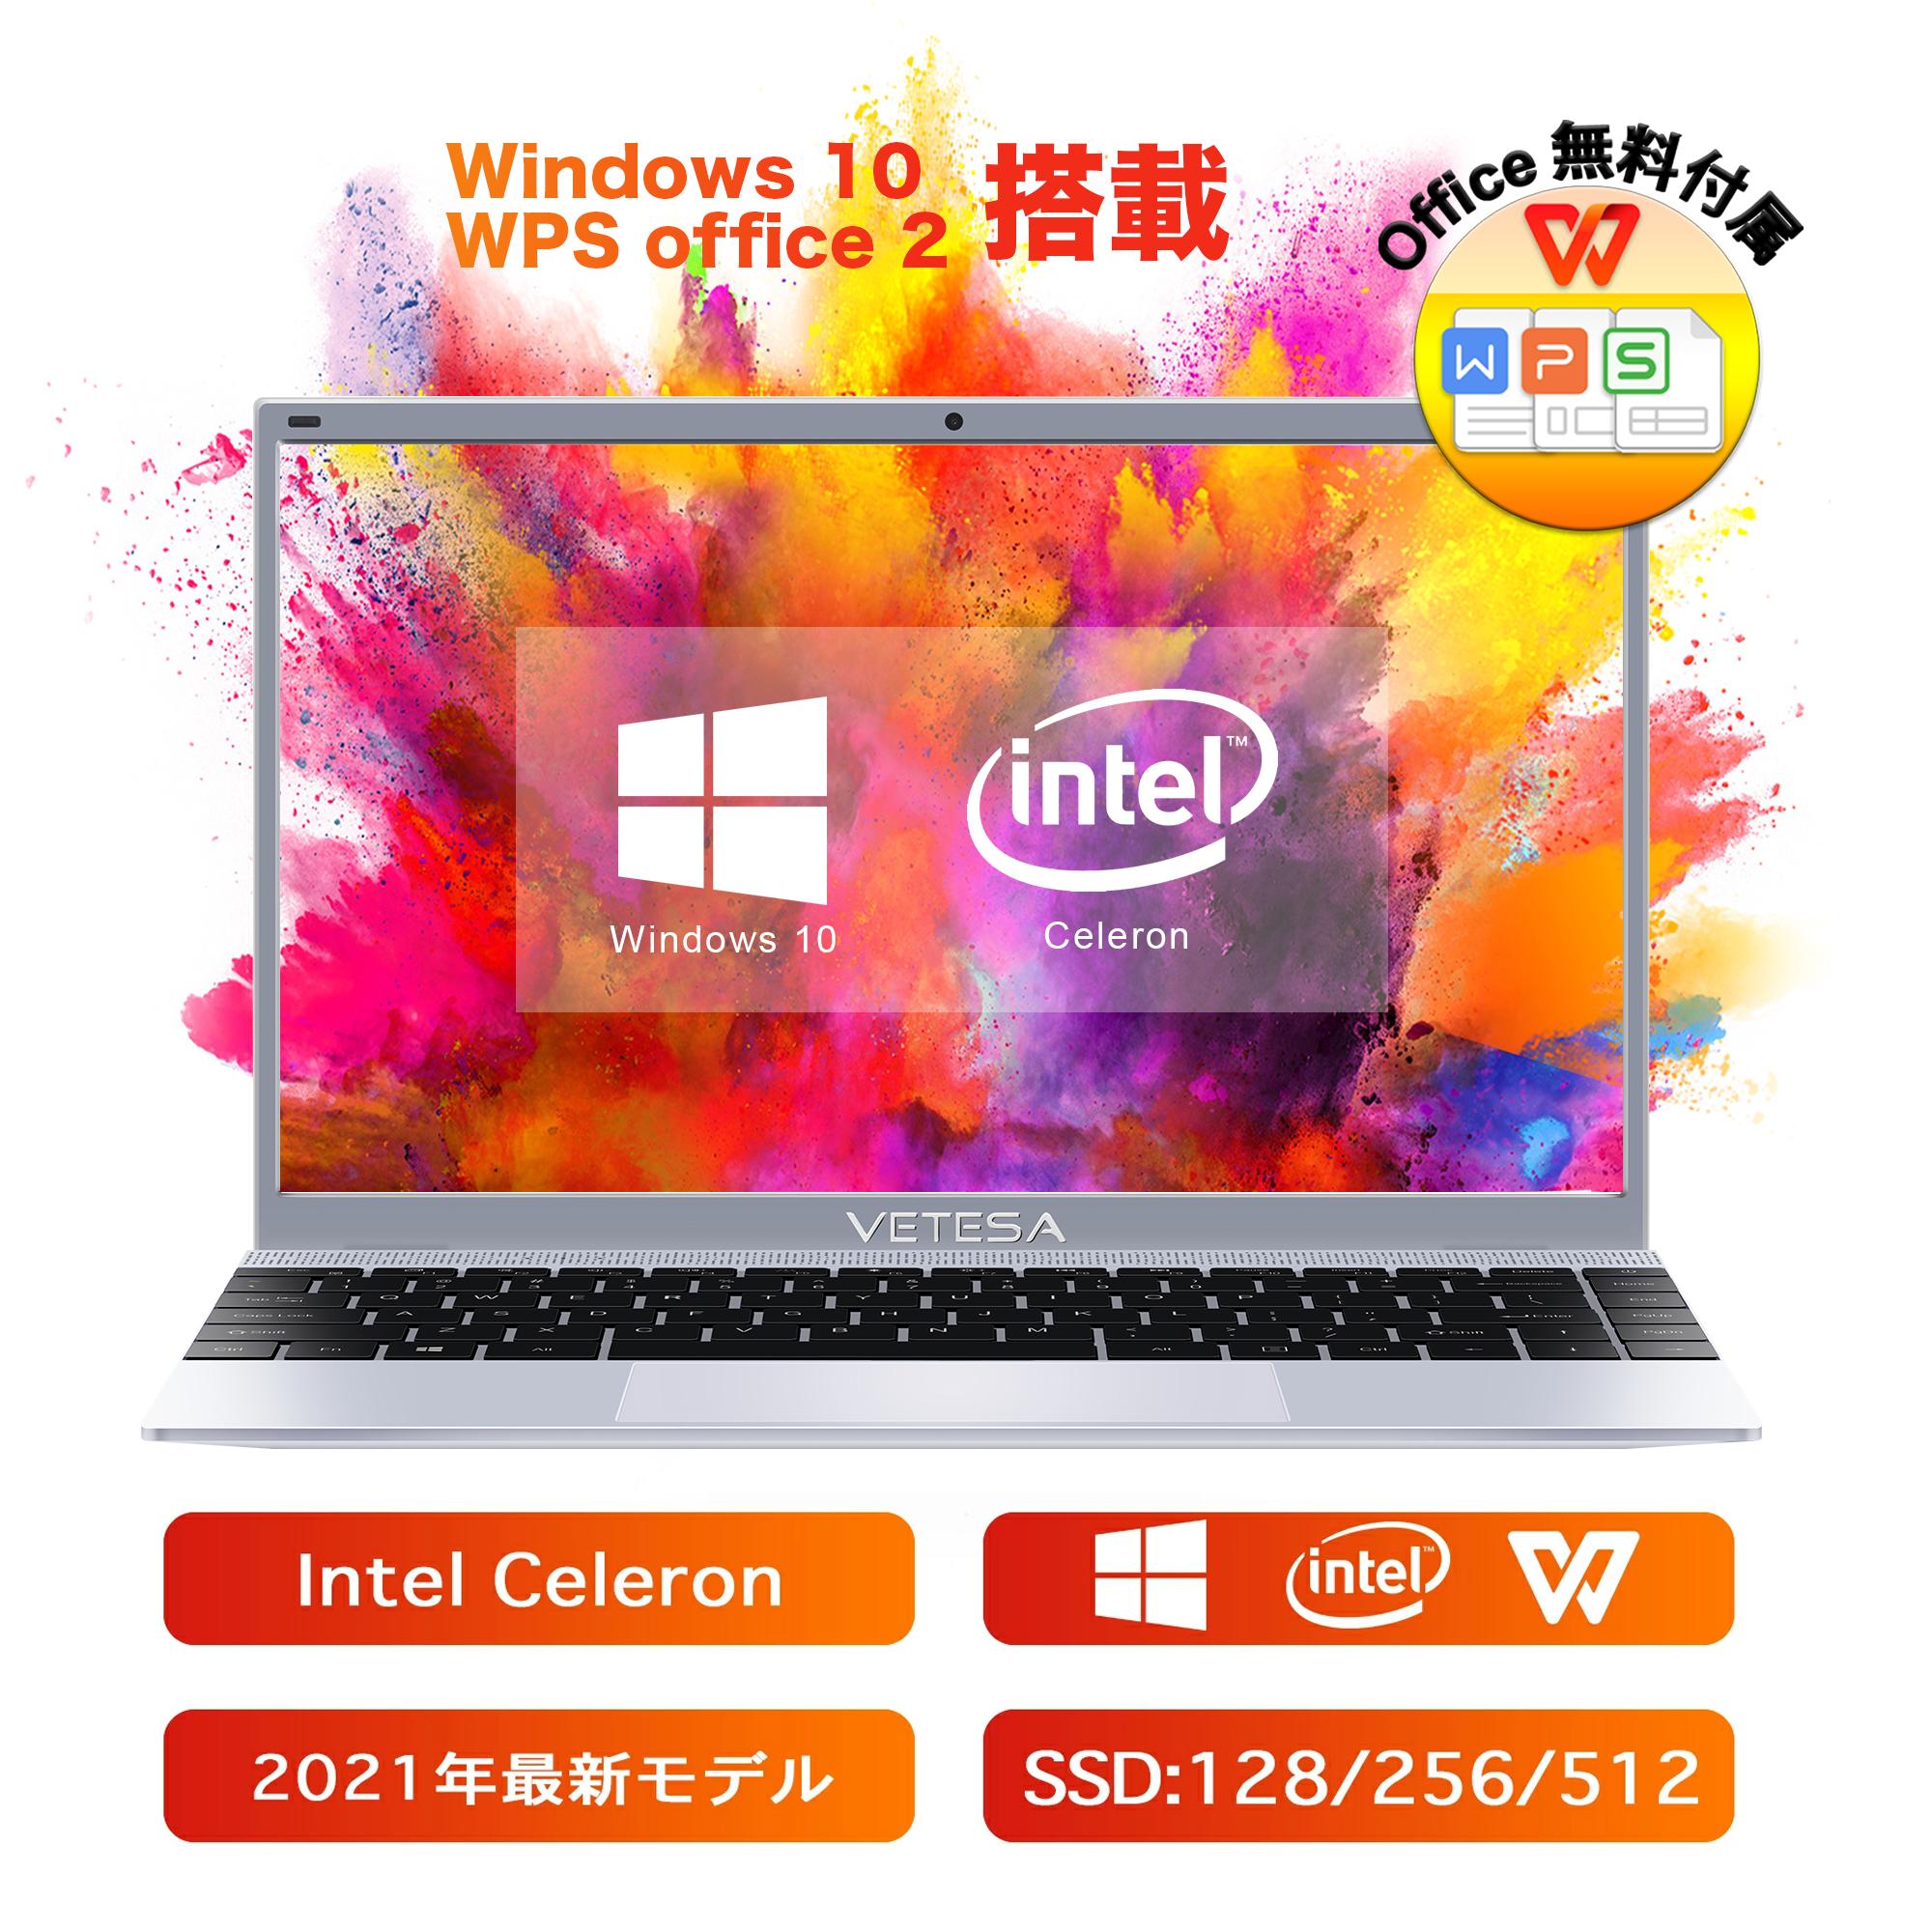 --送料無料-- ノートパソコン 新品 Win10搭載 OFFICE 付き 14.1インチ 賜物 Intel Celeron 1.80GHz メモリー:8GB SSD:128GB変更可能 IPSフルHD液晶 Webカメラ ノートPC miniHDMI MicroSDカード対応 配送員設置送料無料 Wi-Fi USB 高級金属シェル 人気ブランドVETESA 3.0 Bluetooth 薄型 軽量 14J415